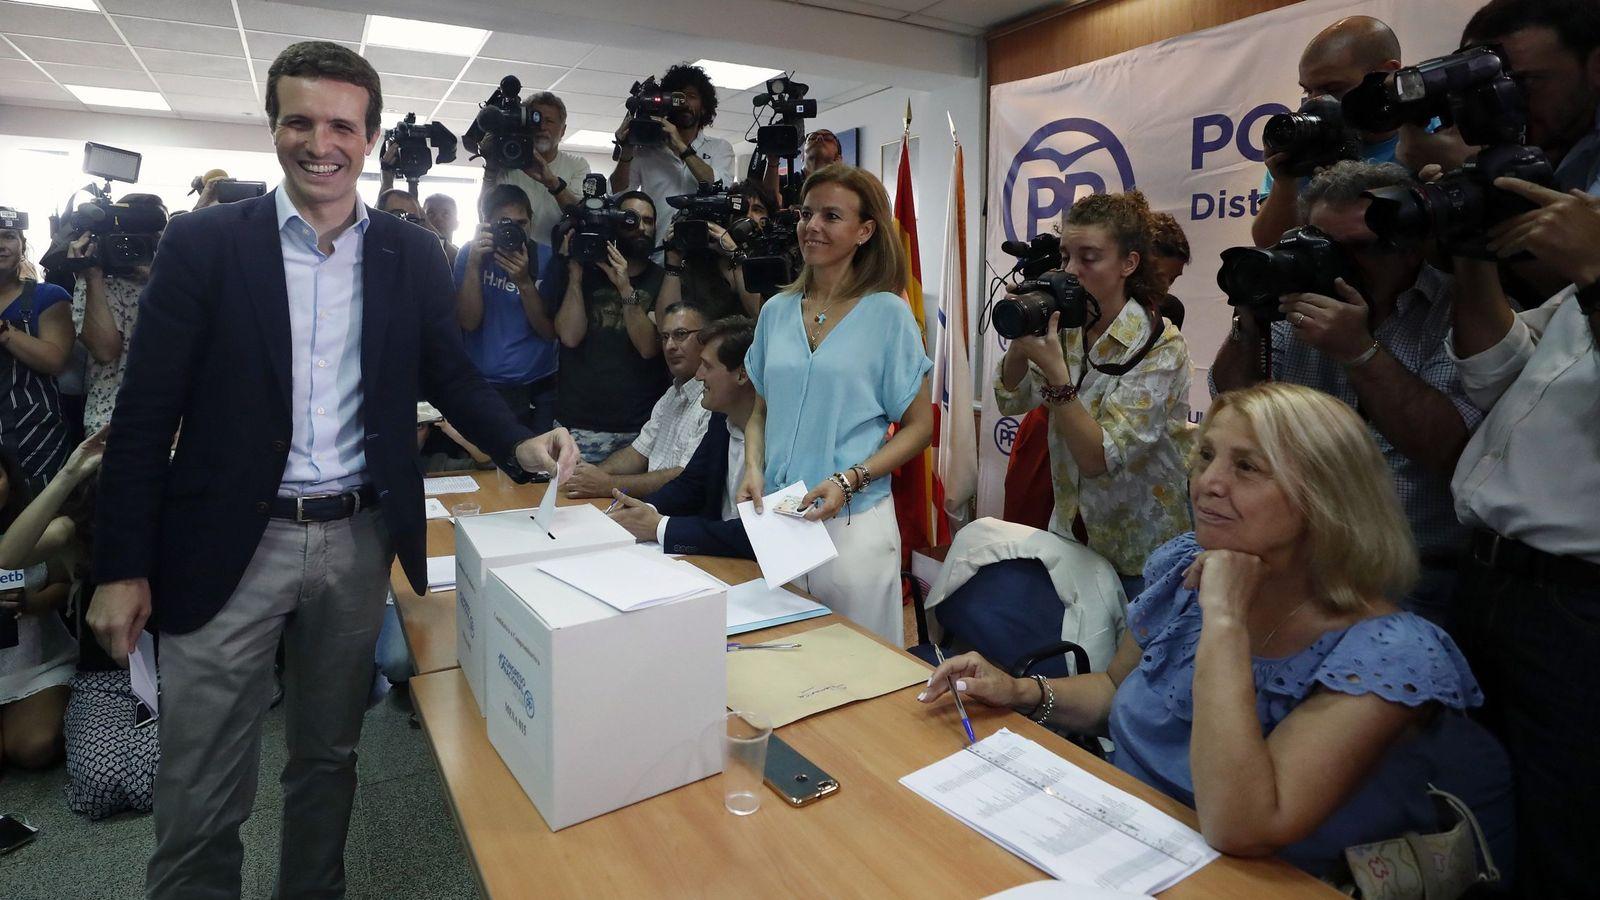 Foto: El candidato a la presidencia del PP Pablo Casado vota en la sede del Distrito de Salamanca. (EFE)